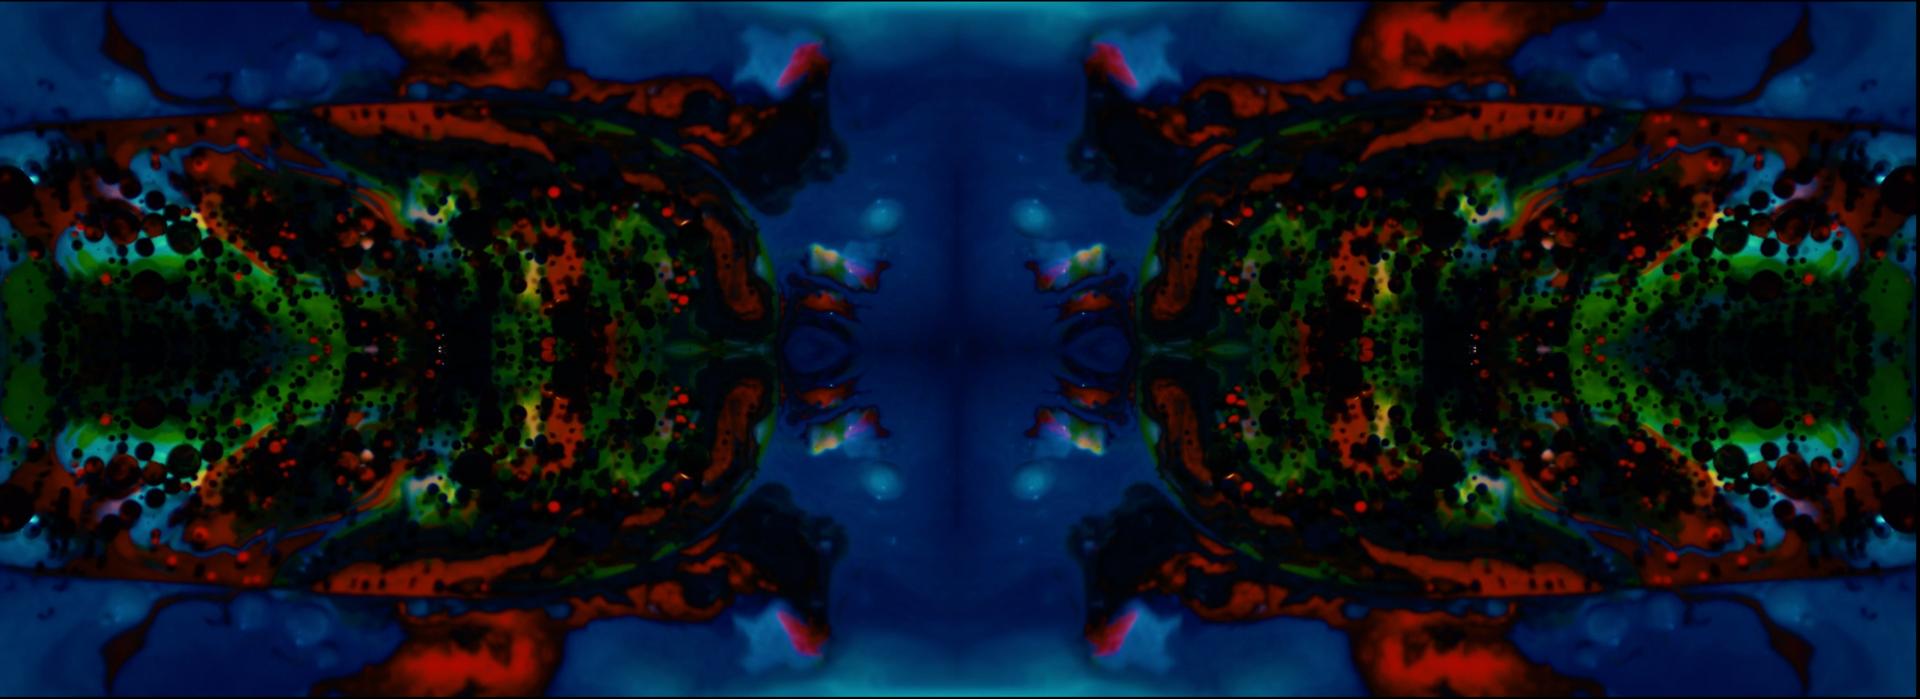 Screen Shot 2020-03-09 at 5.36.51 PM.png